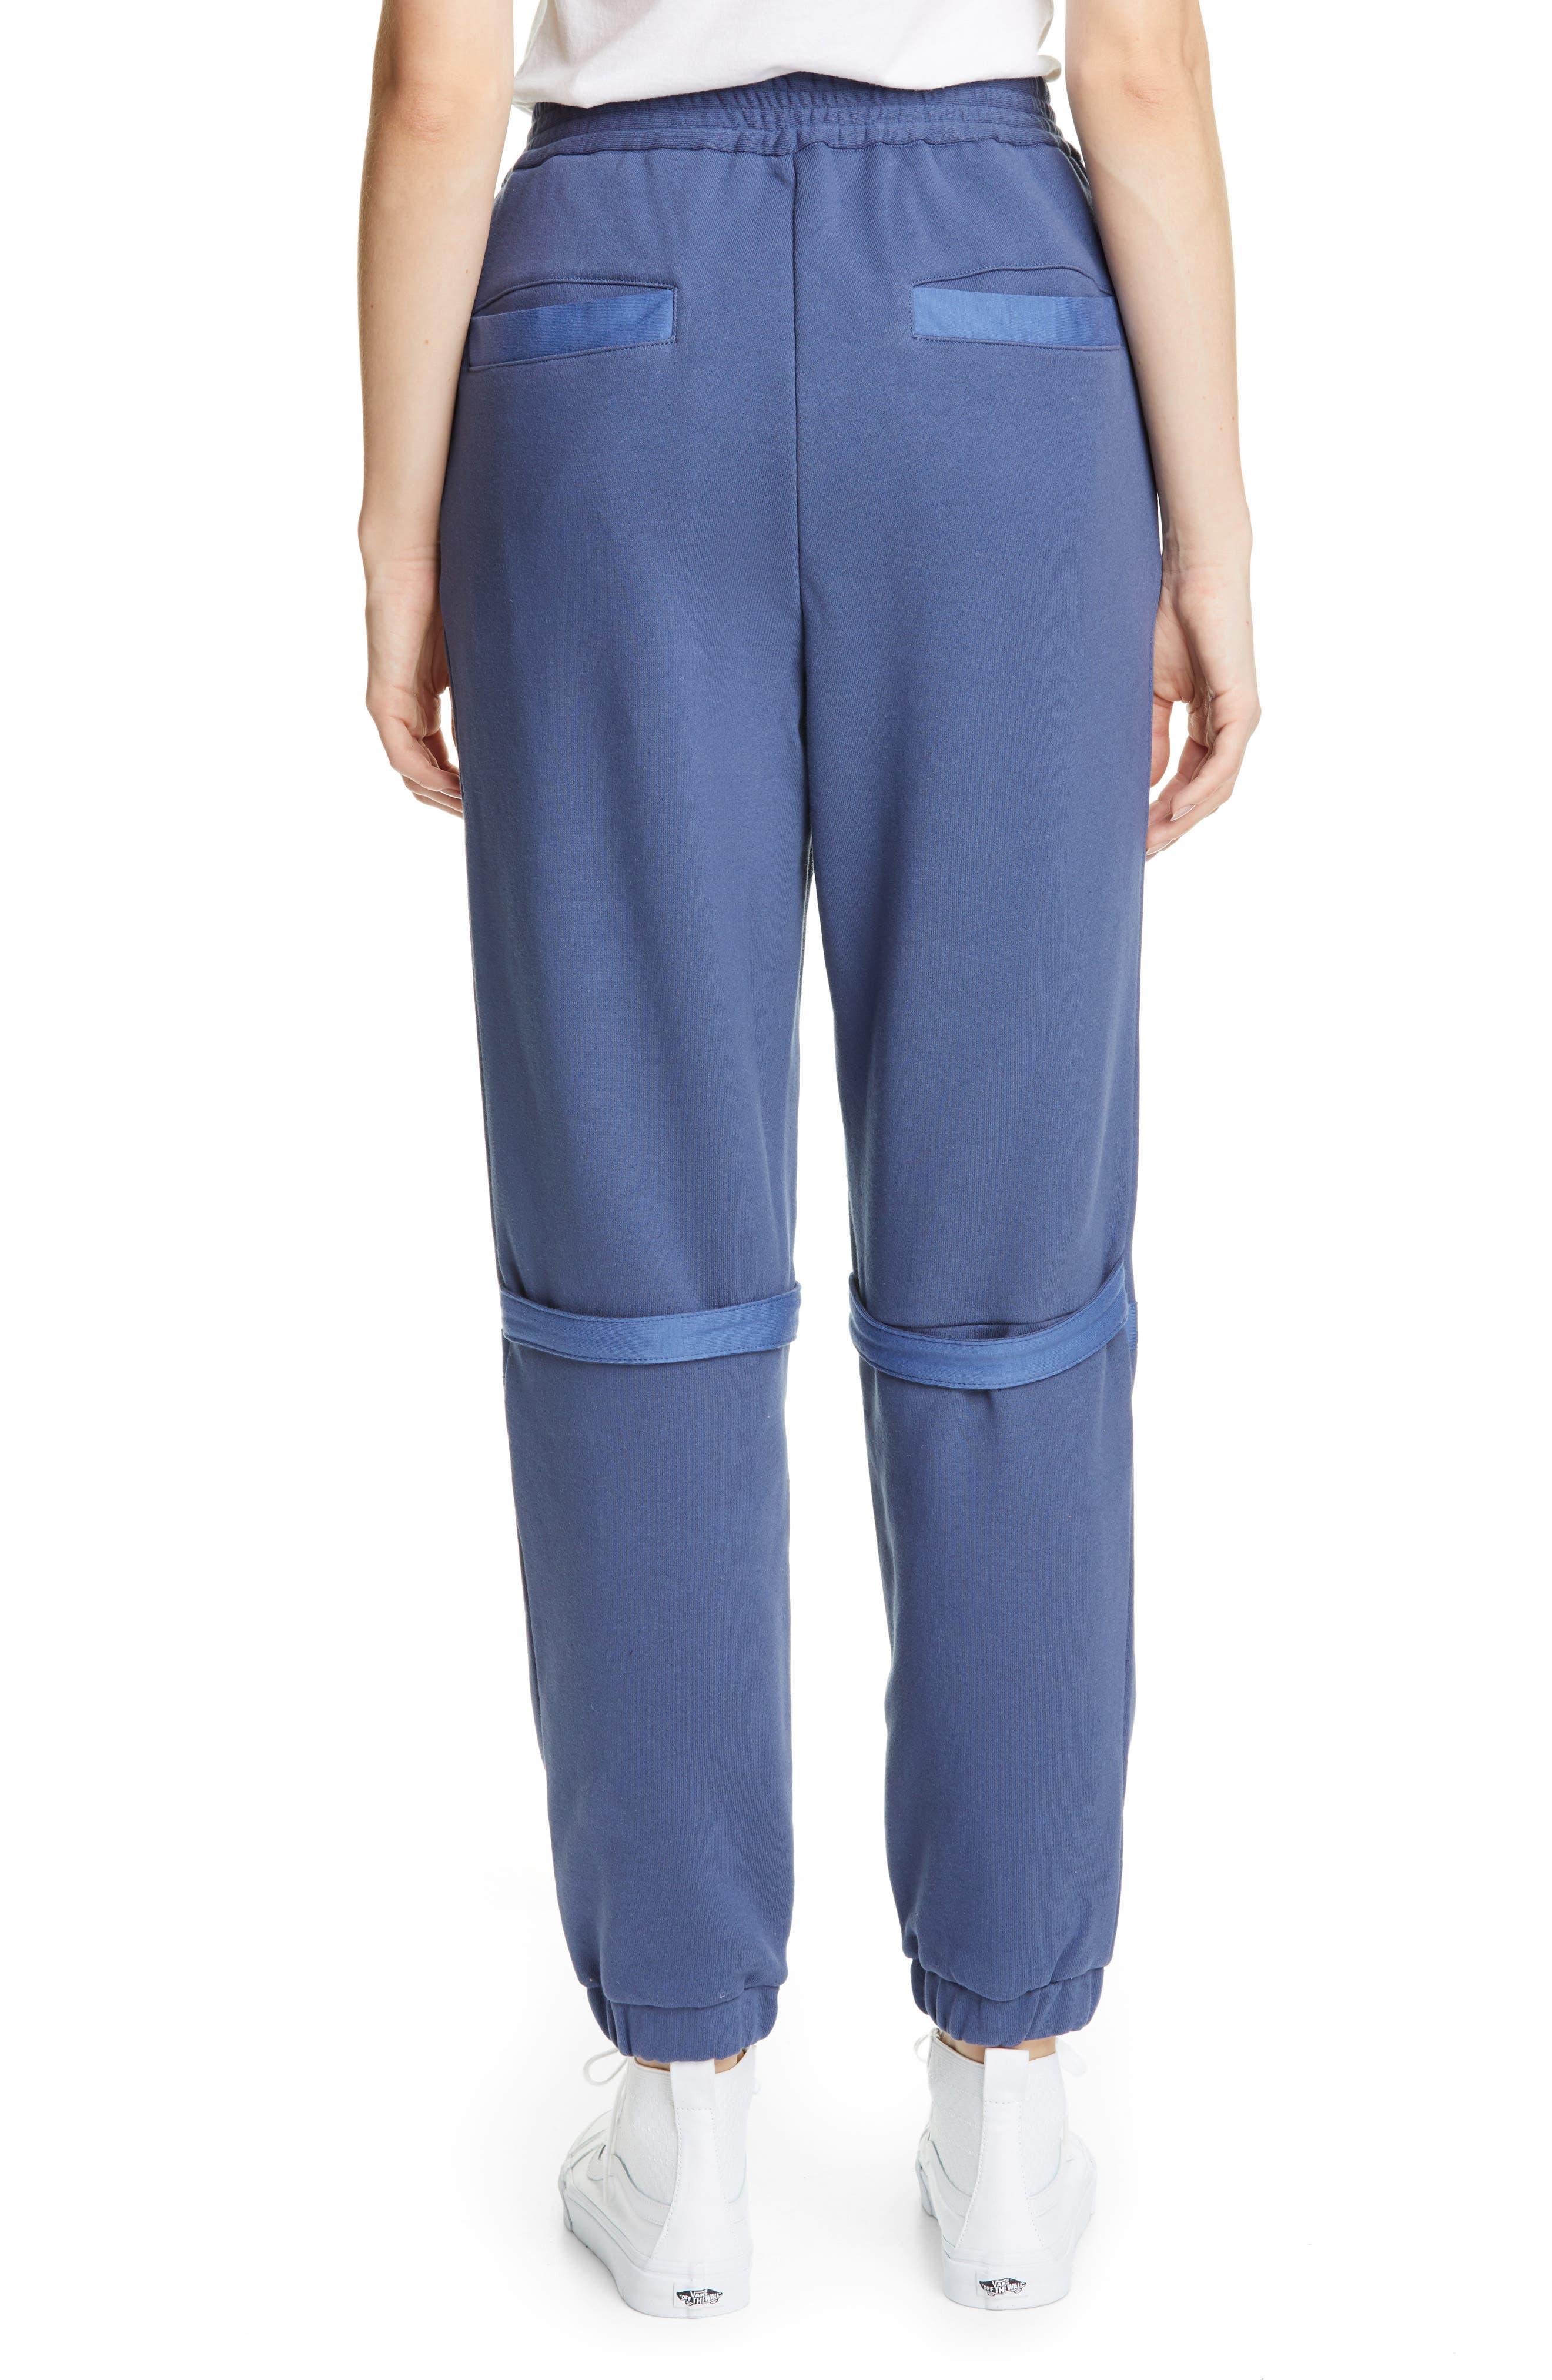 AMBUSH, Slit Knee Sweatpants, Alternate thumbnail 2, color, BLUE